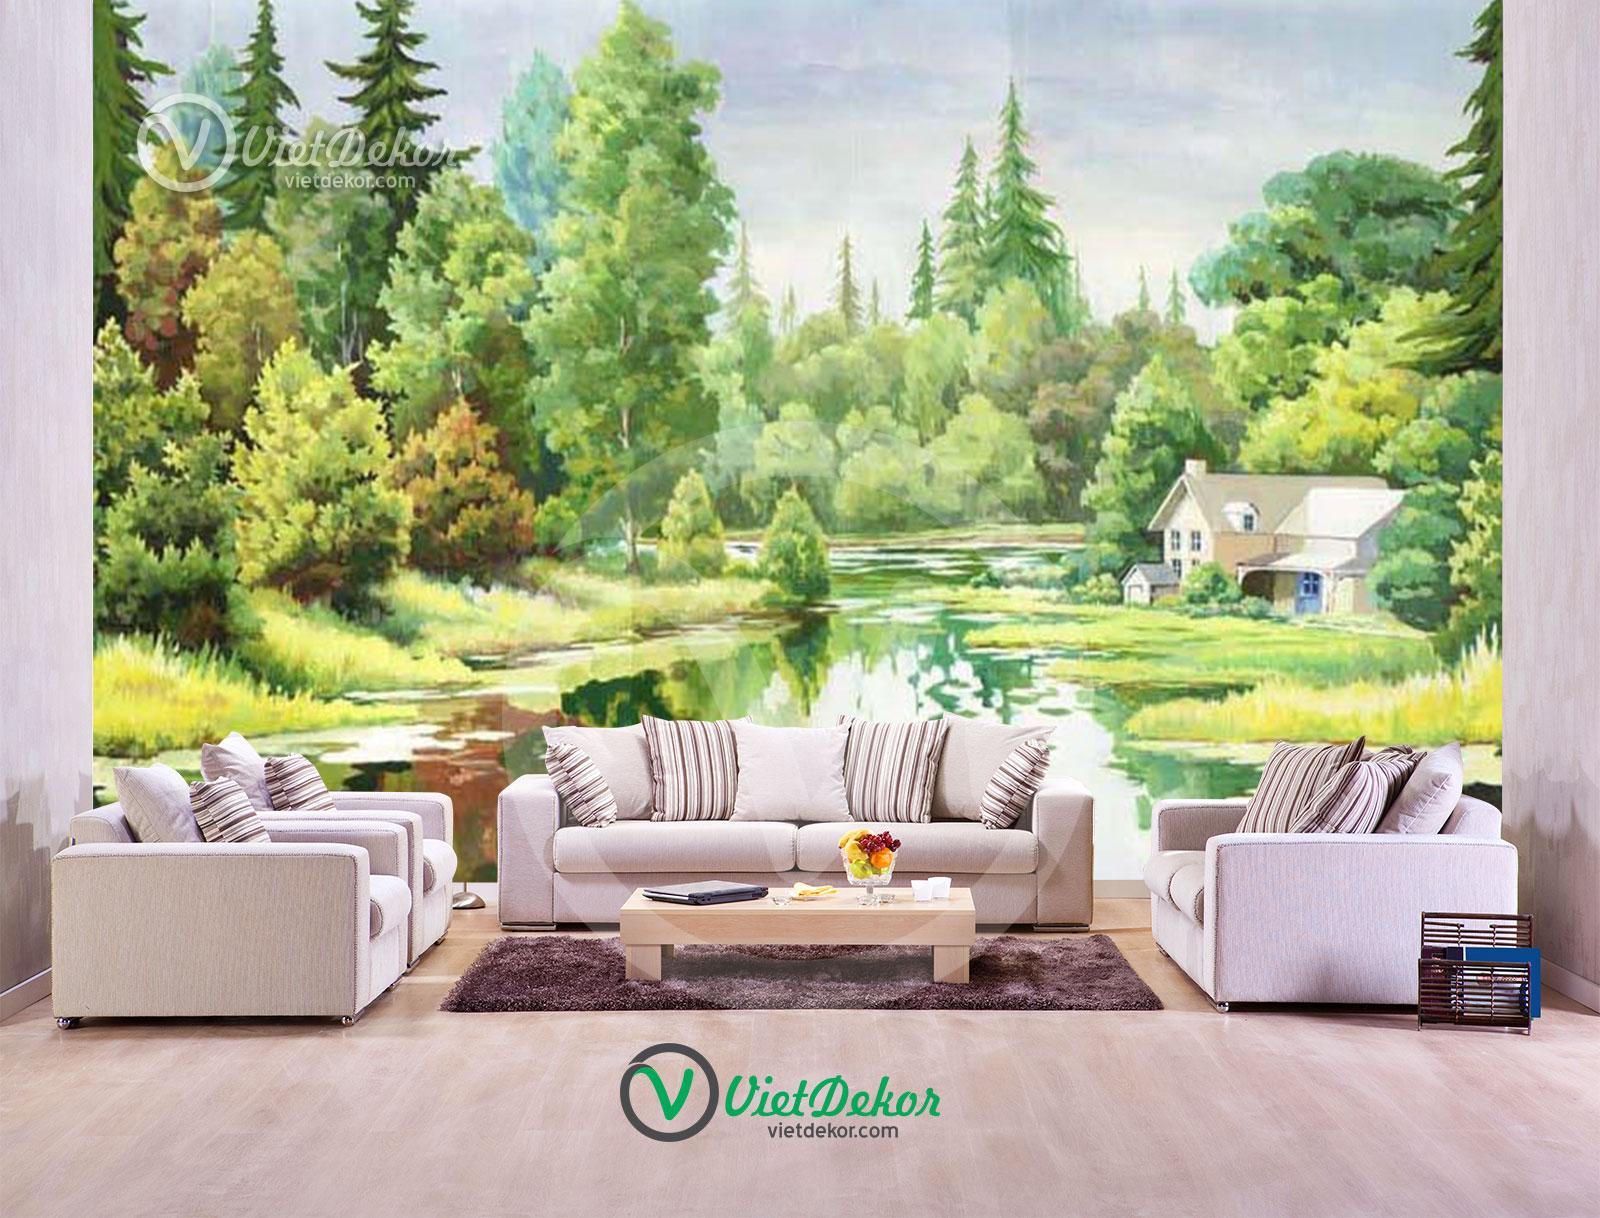 Tranh dán tường 3d phong cảnh làng quê và cây